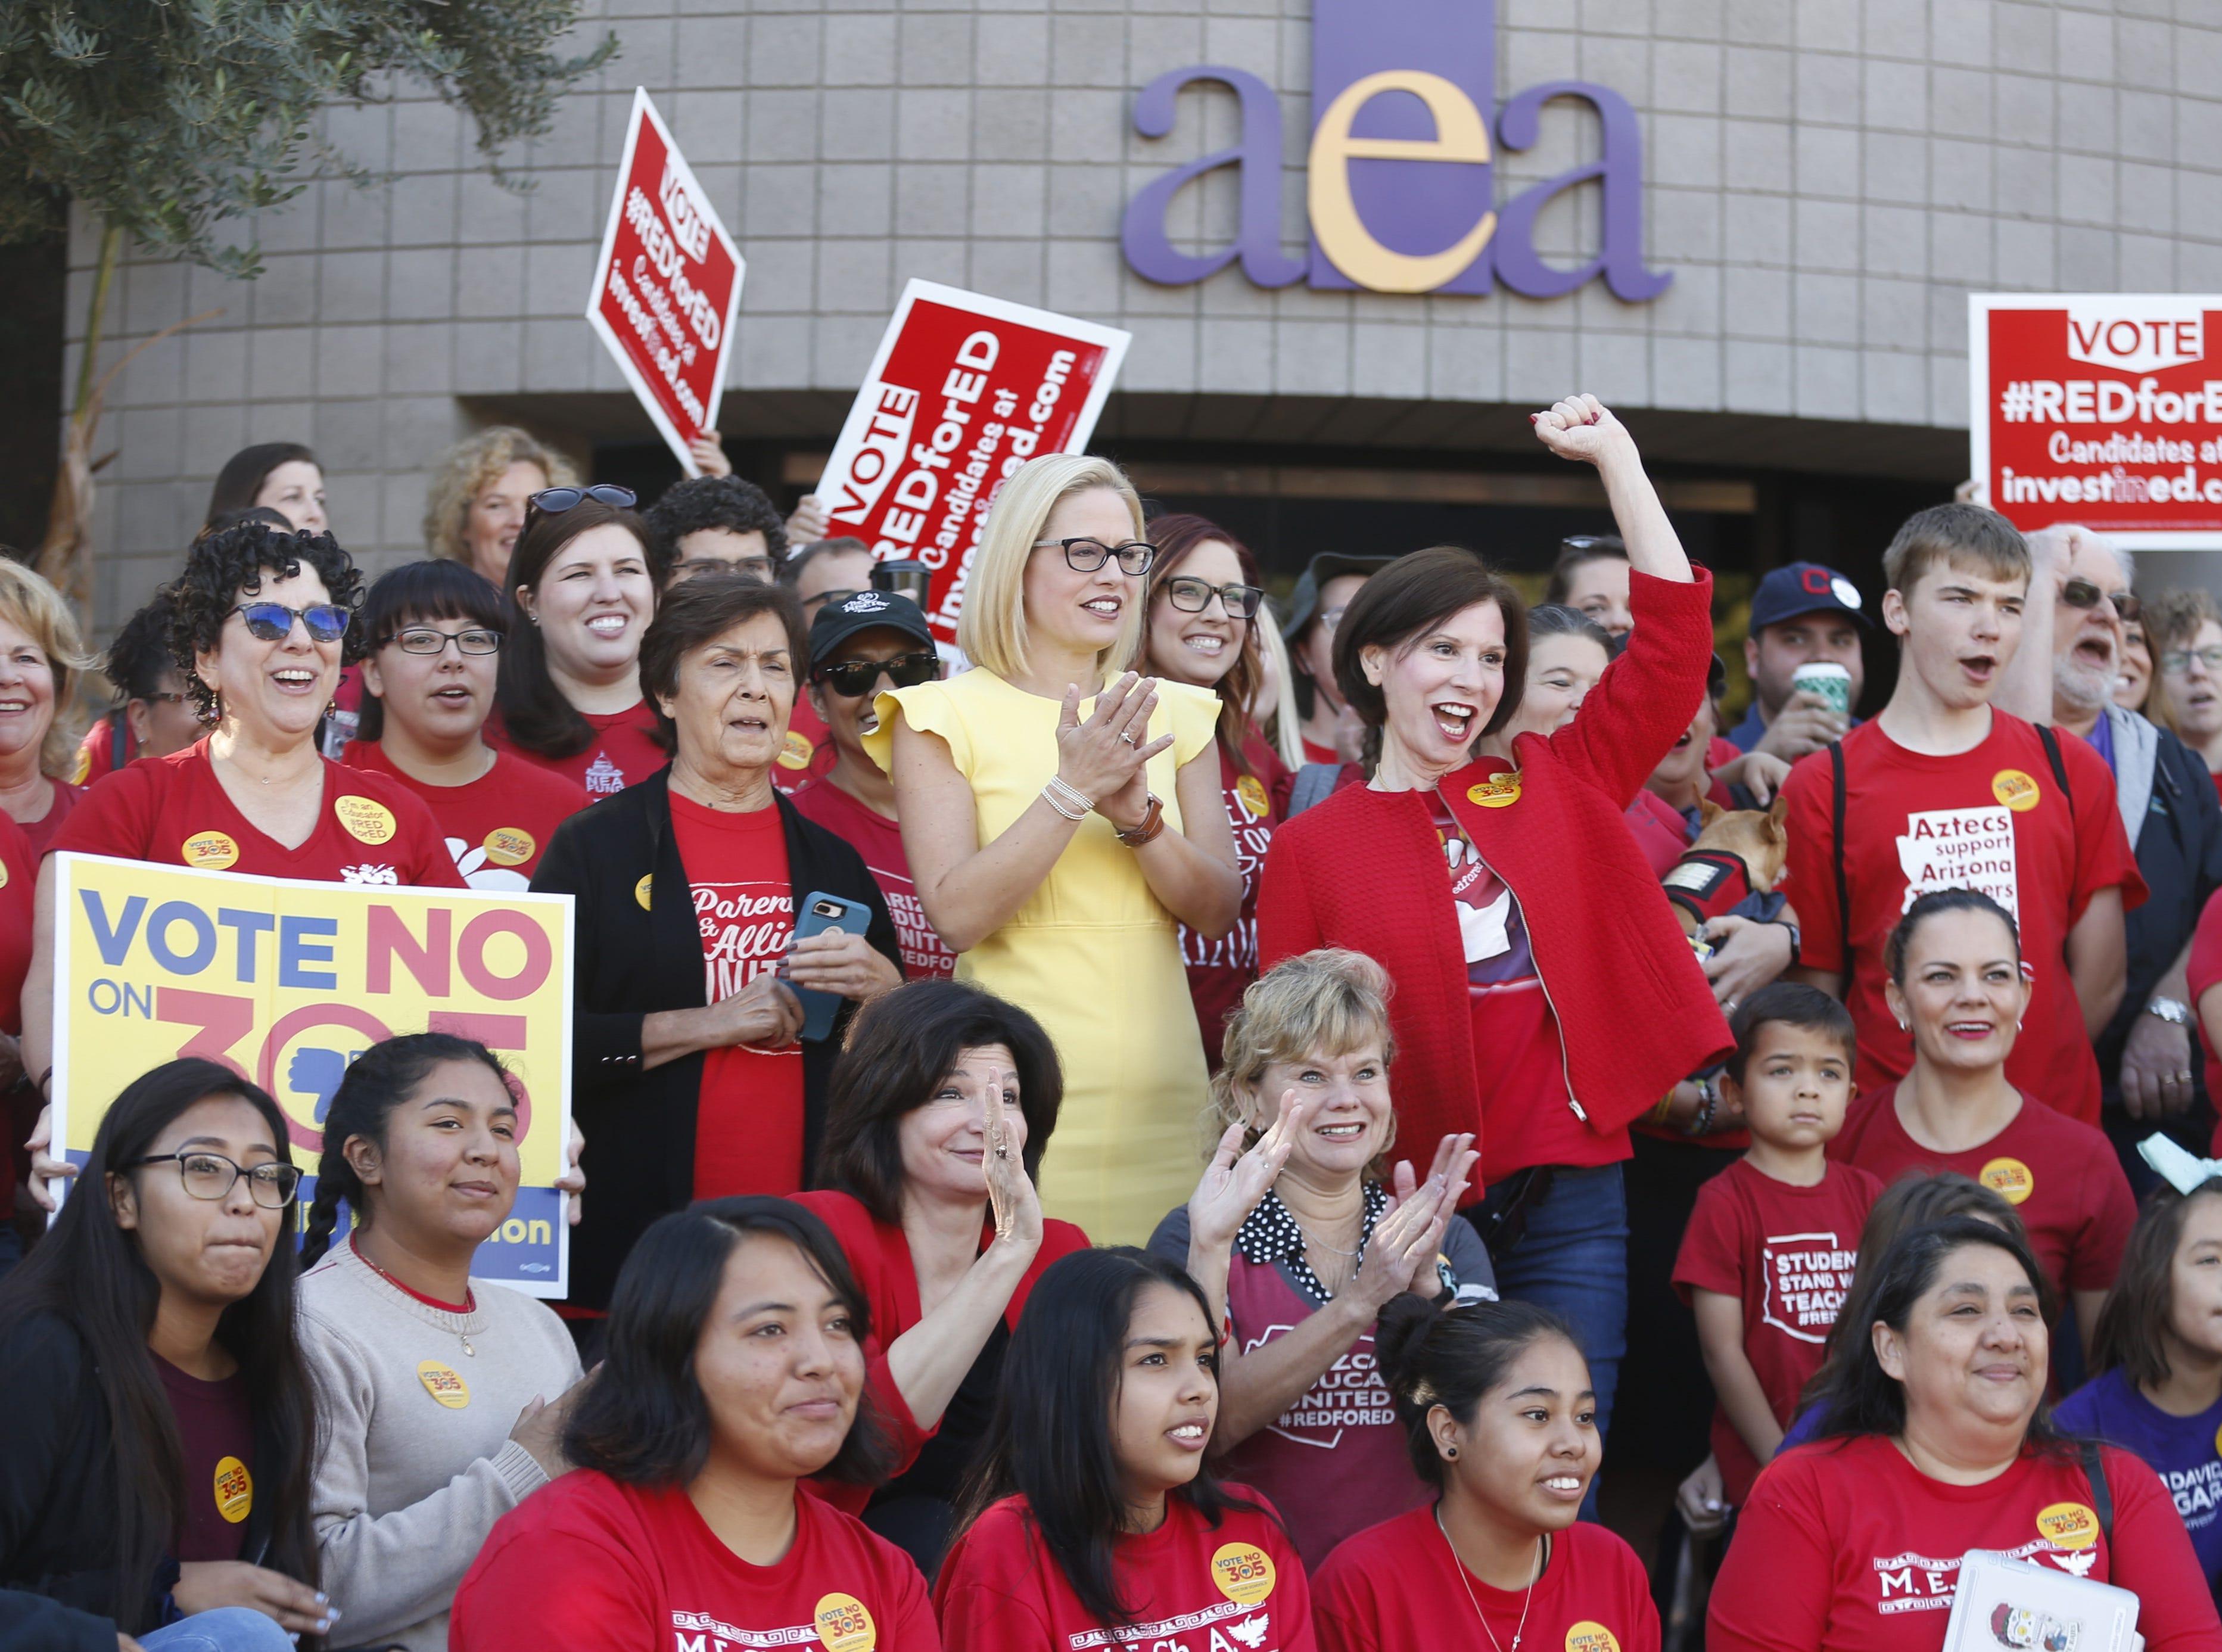 Fue respaldada por varias organizaciones a nivel local y nacional, incluida la Asociación de Educadores de Arizona que recientemente llevó a cabo de manera exitosa el movimiento #RedForEd.